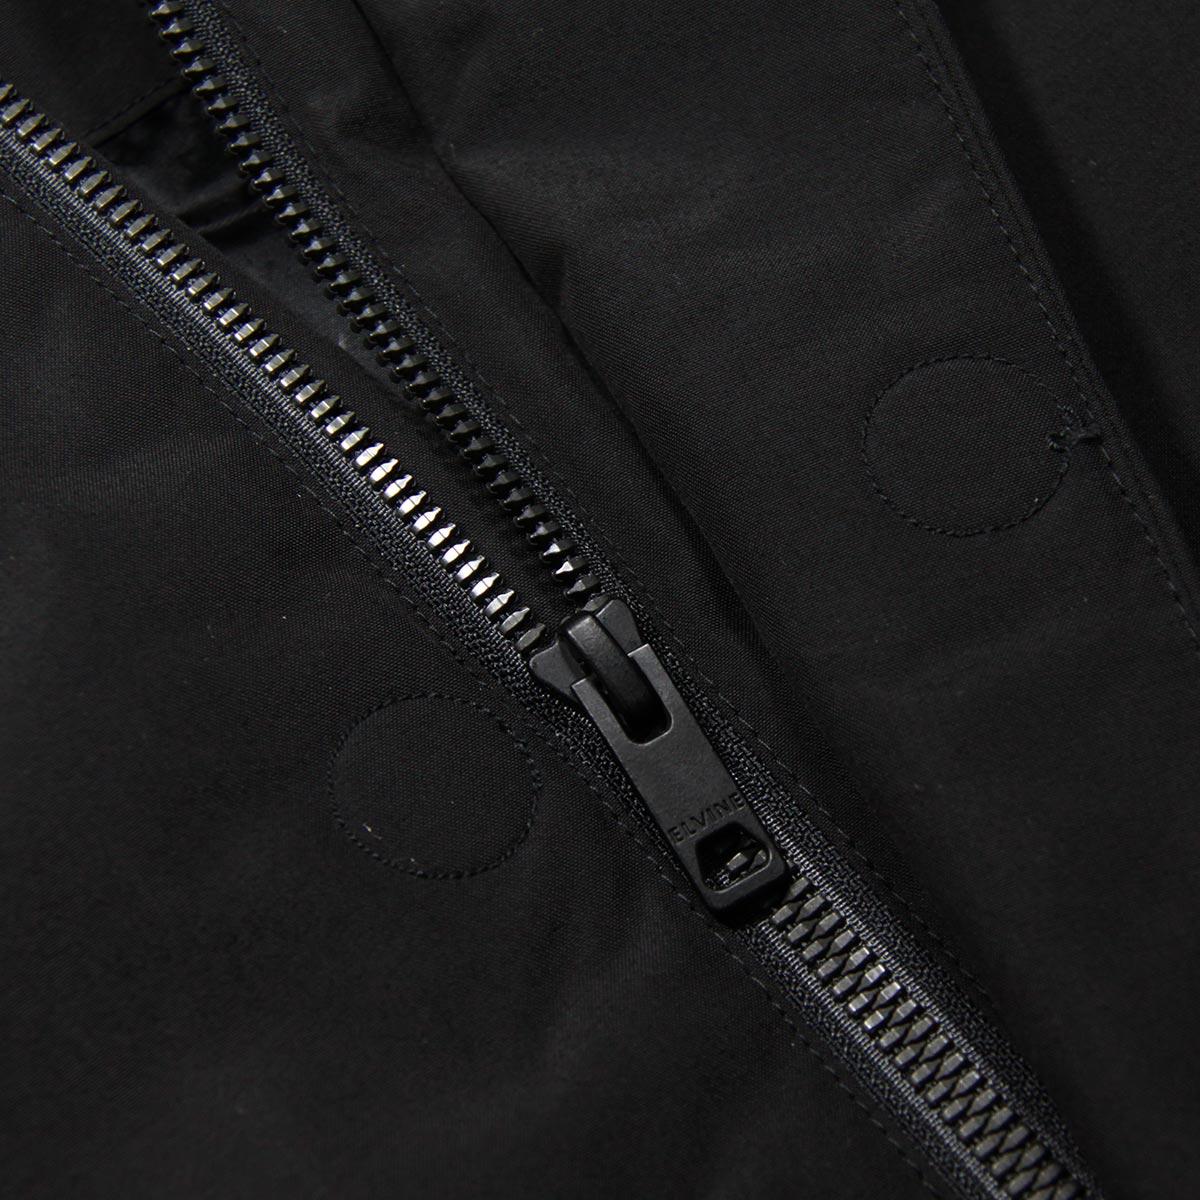 エルバイン アウター メンズ 正規販売店 elvine ジャケット ナイロンジャケット BARNARD NYLON JACKET 330100 110 BLACK A91B B1C C1D D4E E13F